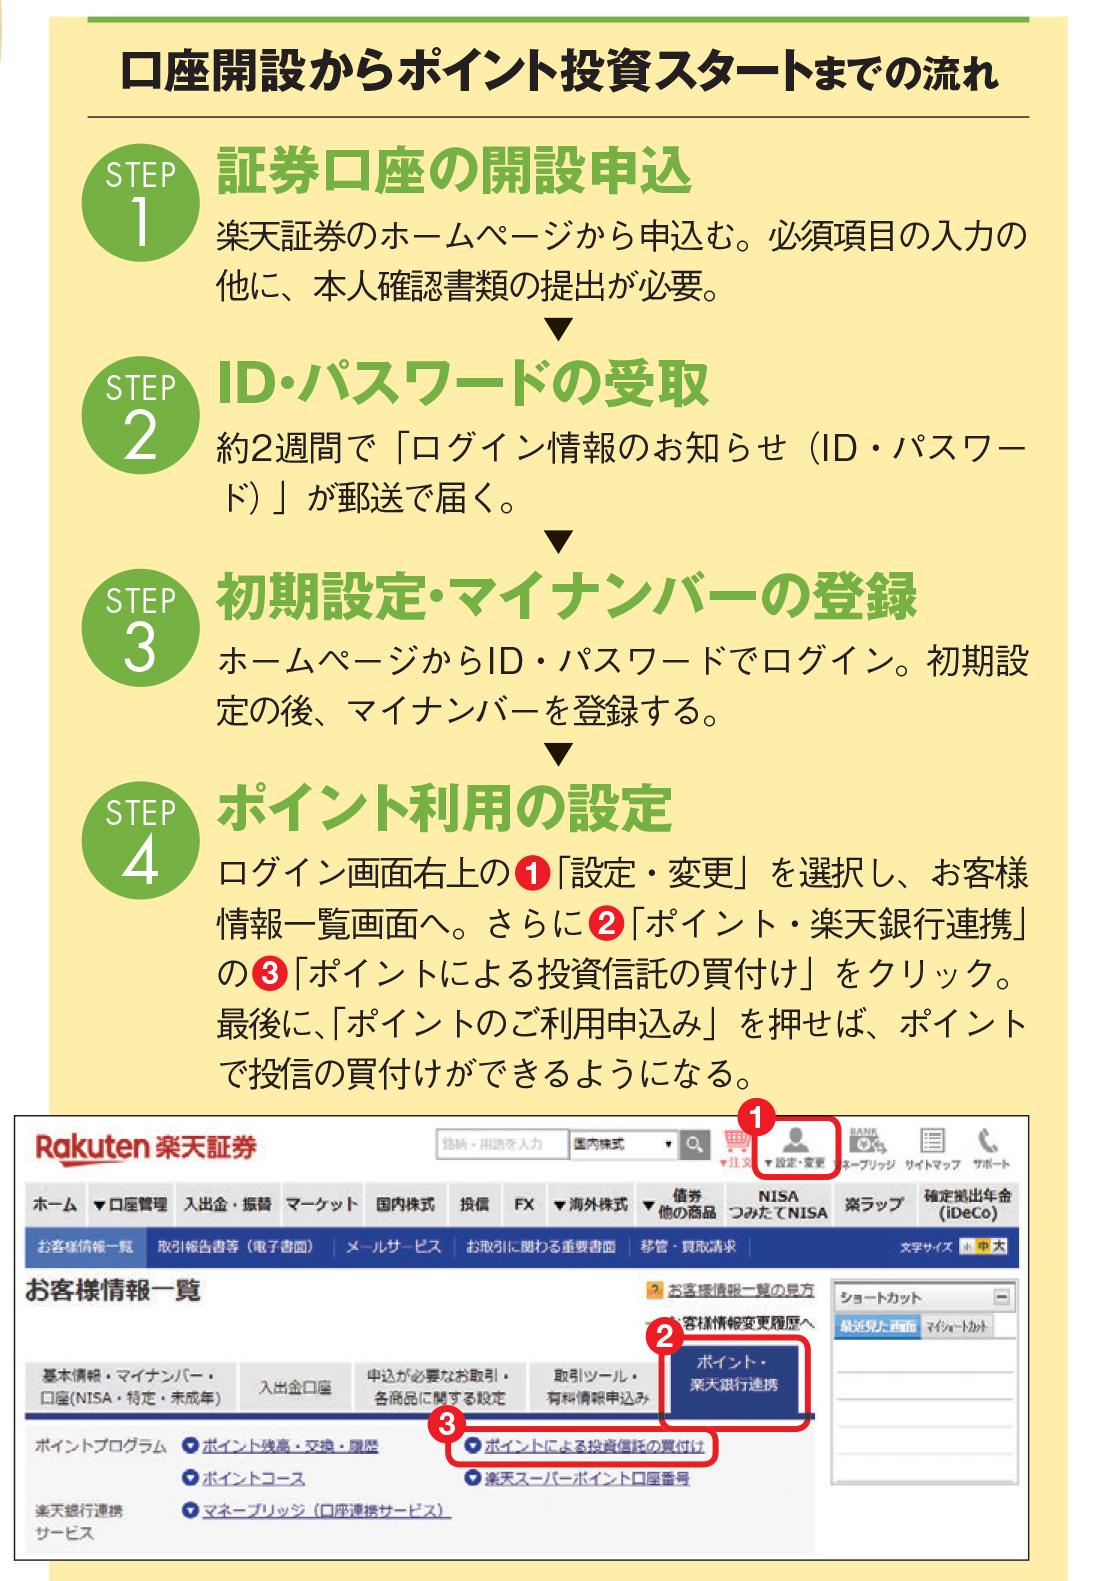 ログイン 岩井 証券